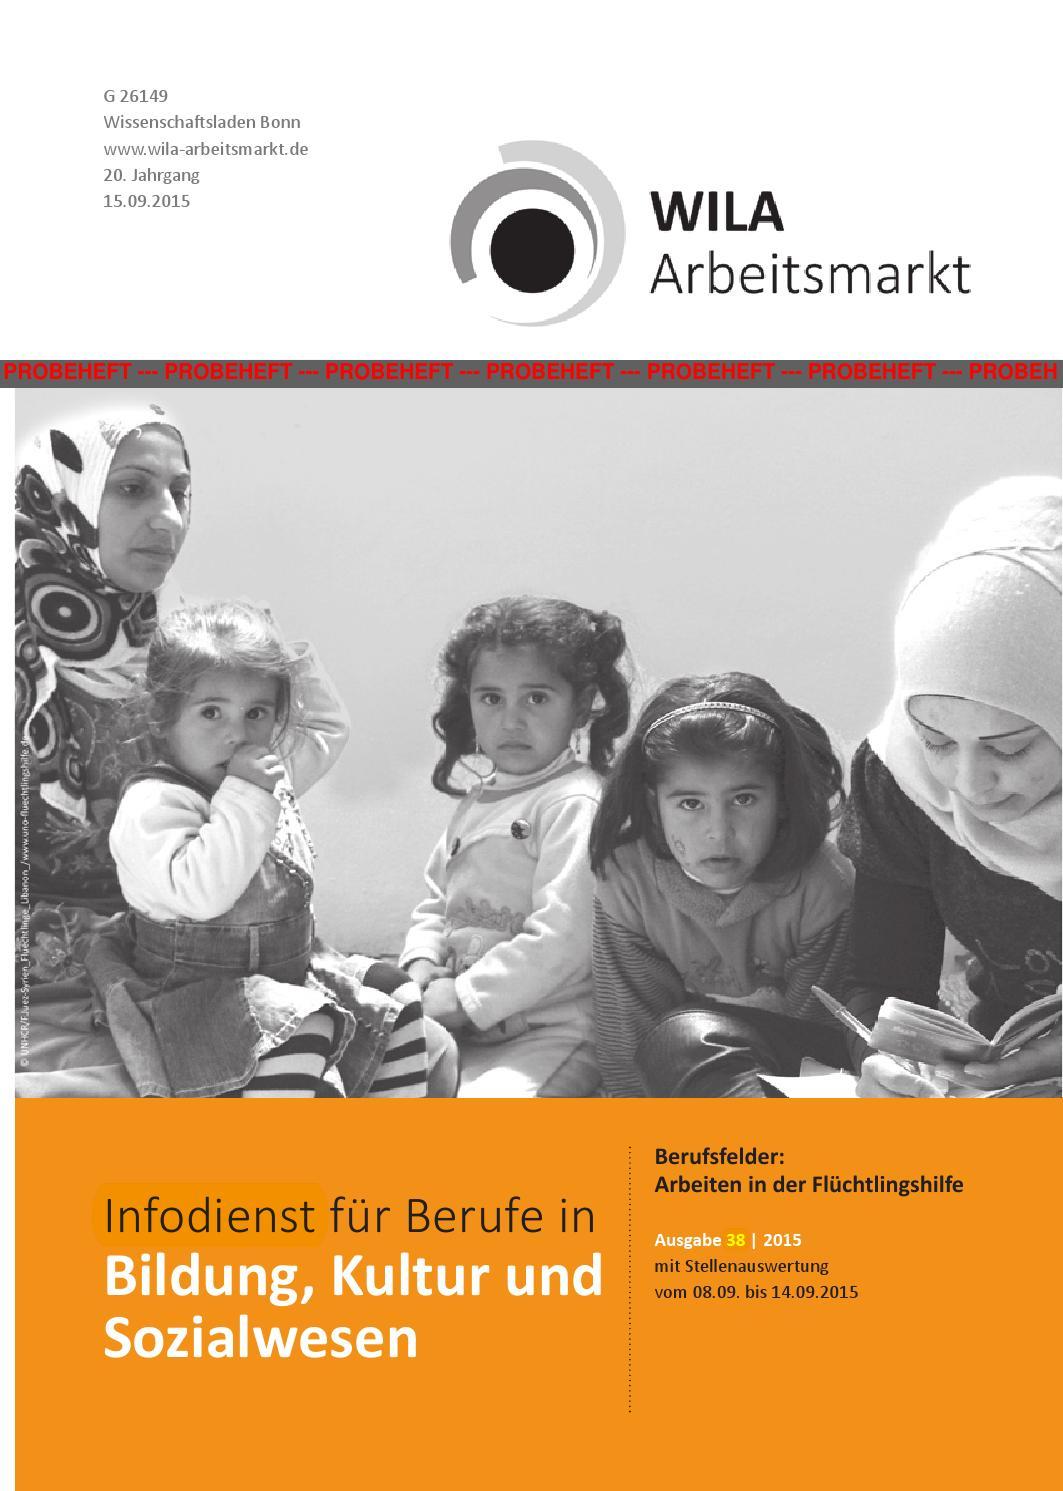 Groß Ucf Career Services Helfen Weiter Zeitgenössisch - Beispiel ...